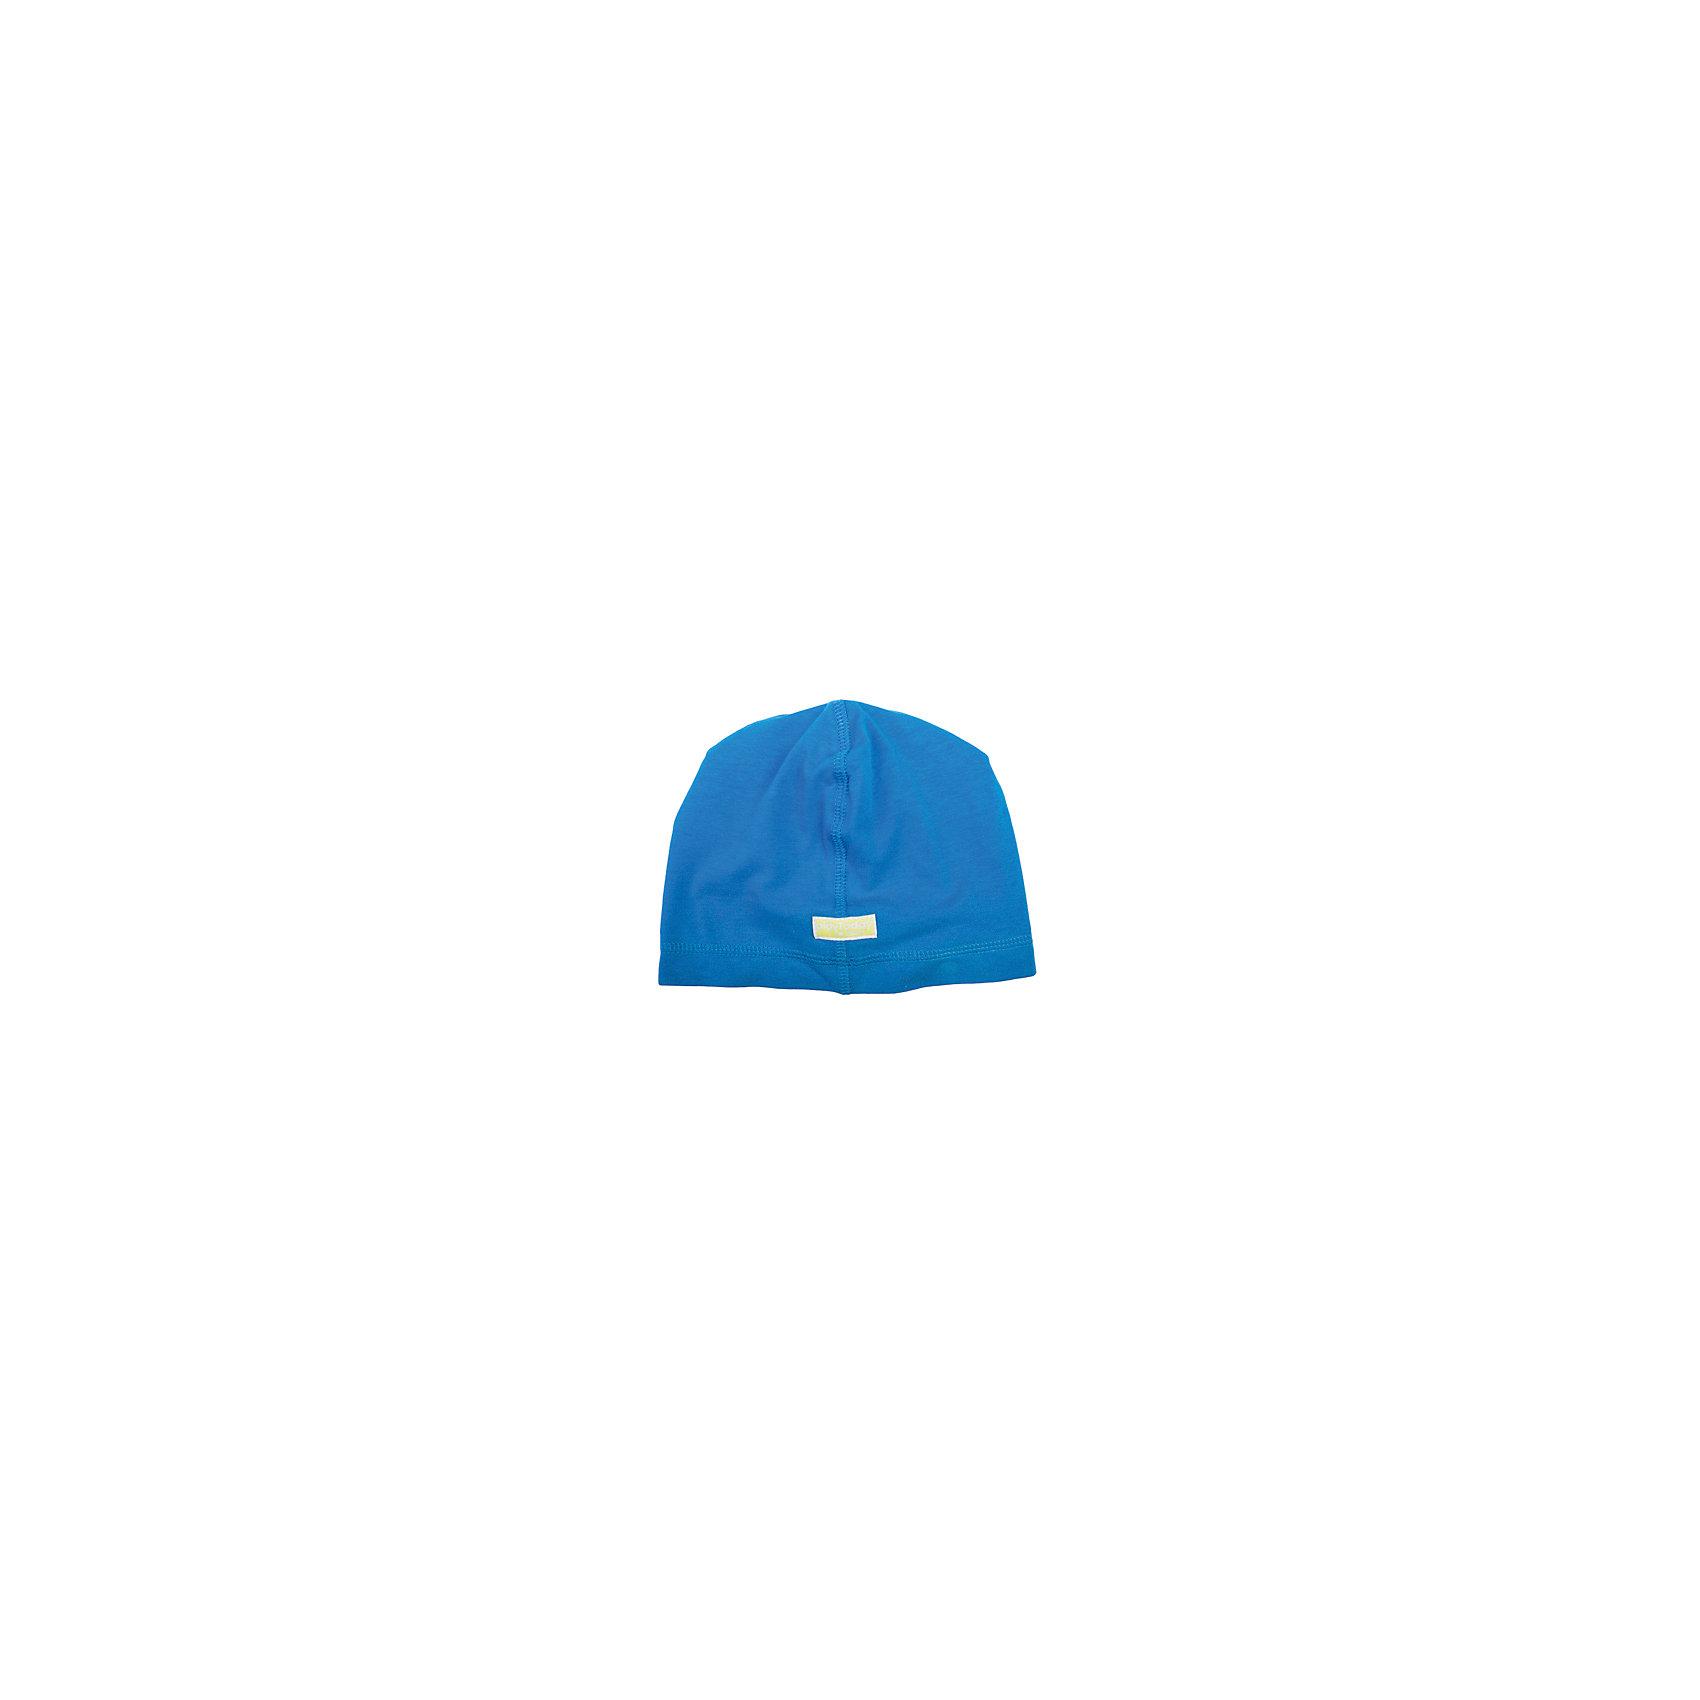 Шапка для мальчика PlayTodayШапка для мальчика от известного бренда PlayToday.<br>Удобная хлопковая шапка темно-синего цвета. Модный крой oversize.<br>Состав:<br>95% хлопок, 5% эластан<br><br>Ширина мм: 157<br>Глубина мм: 13<br>Высота мм: 119<br>Вес г: 200<br>Цвет: полуночно-синий<br>Возраст от месяцев: 18<br>Возраст до месяцев: 36<br>Пол: Мужской<br>Возраст: Детский<br>Размер: 48,46<br>SKU: 4900503